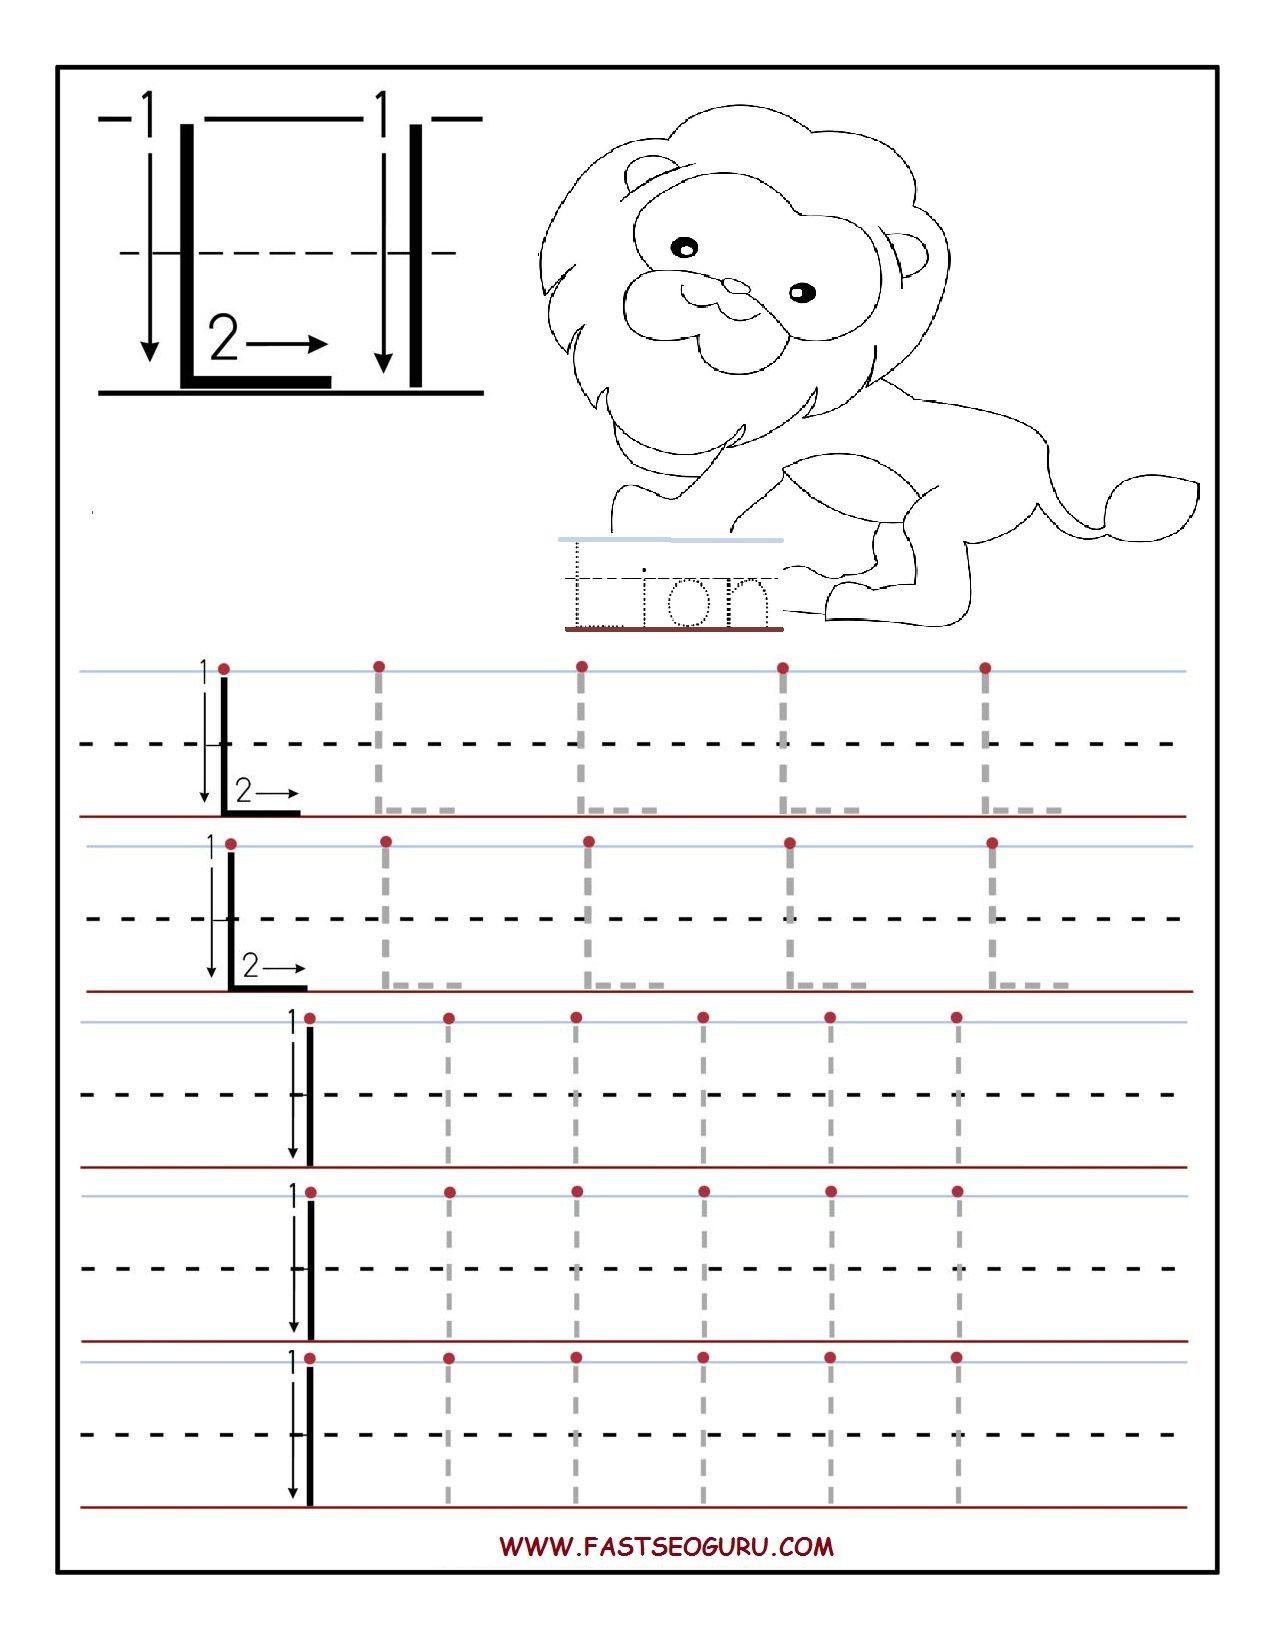 Letter L Worksheet for Preschool Printable Letter L Tracing Worksheets for Preschool